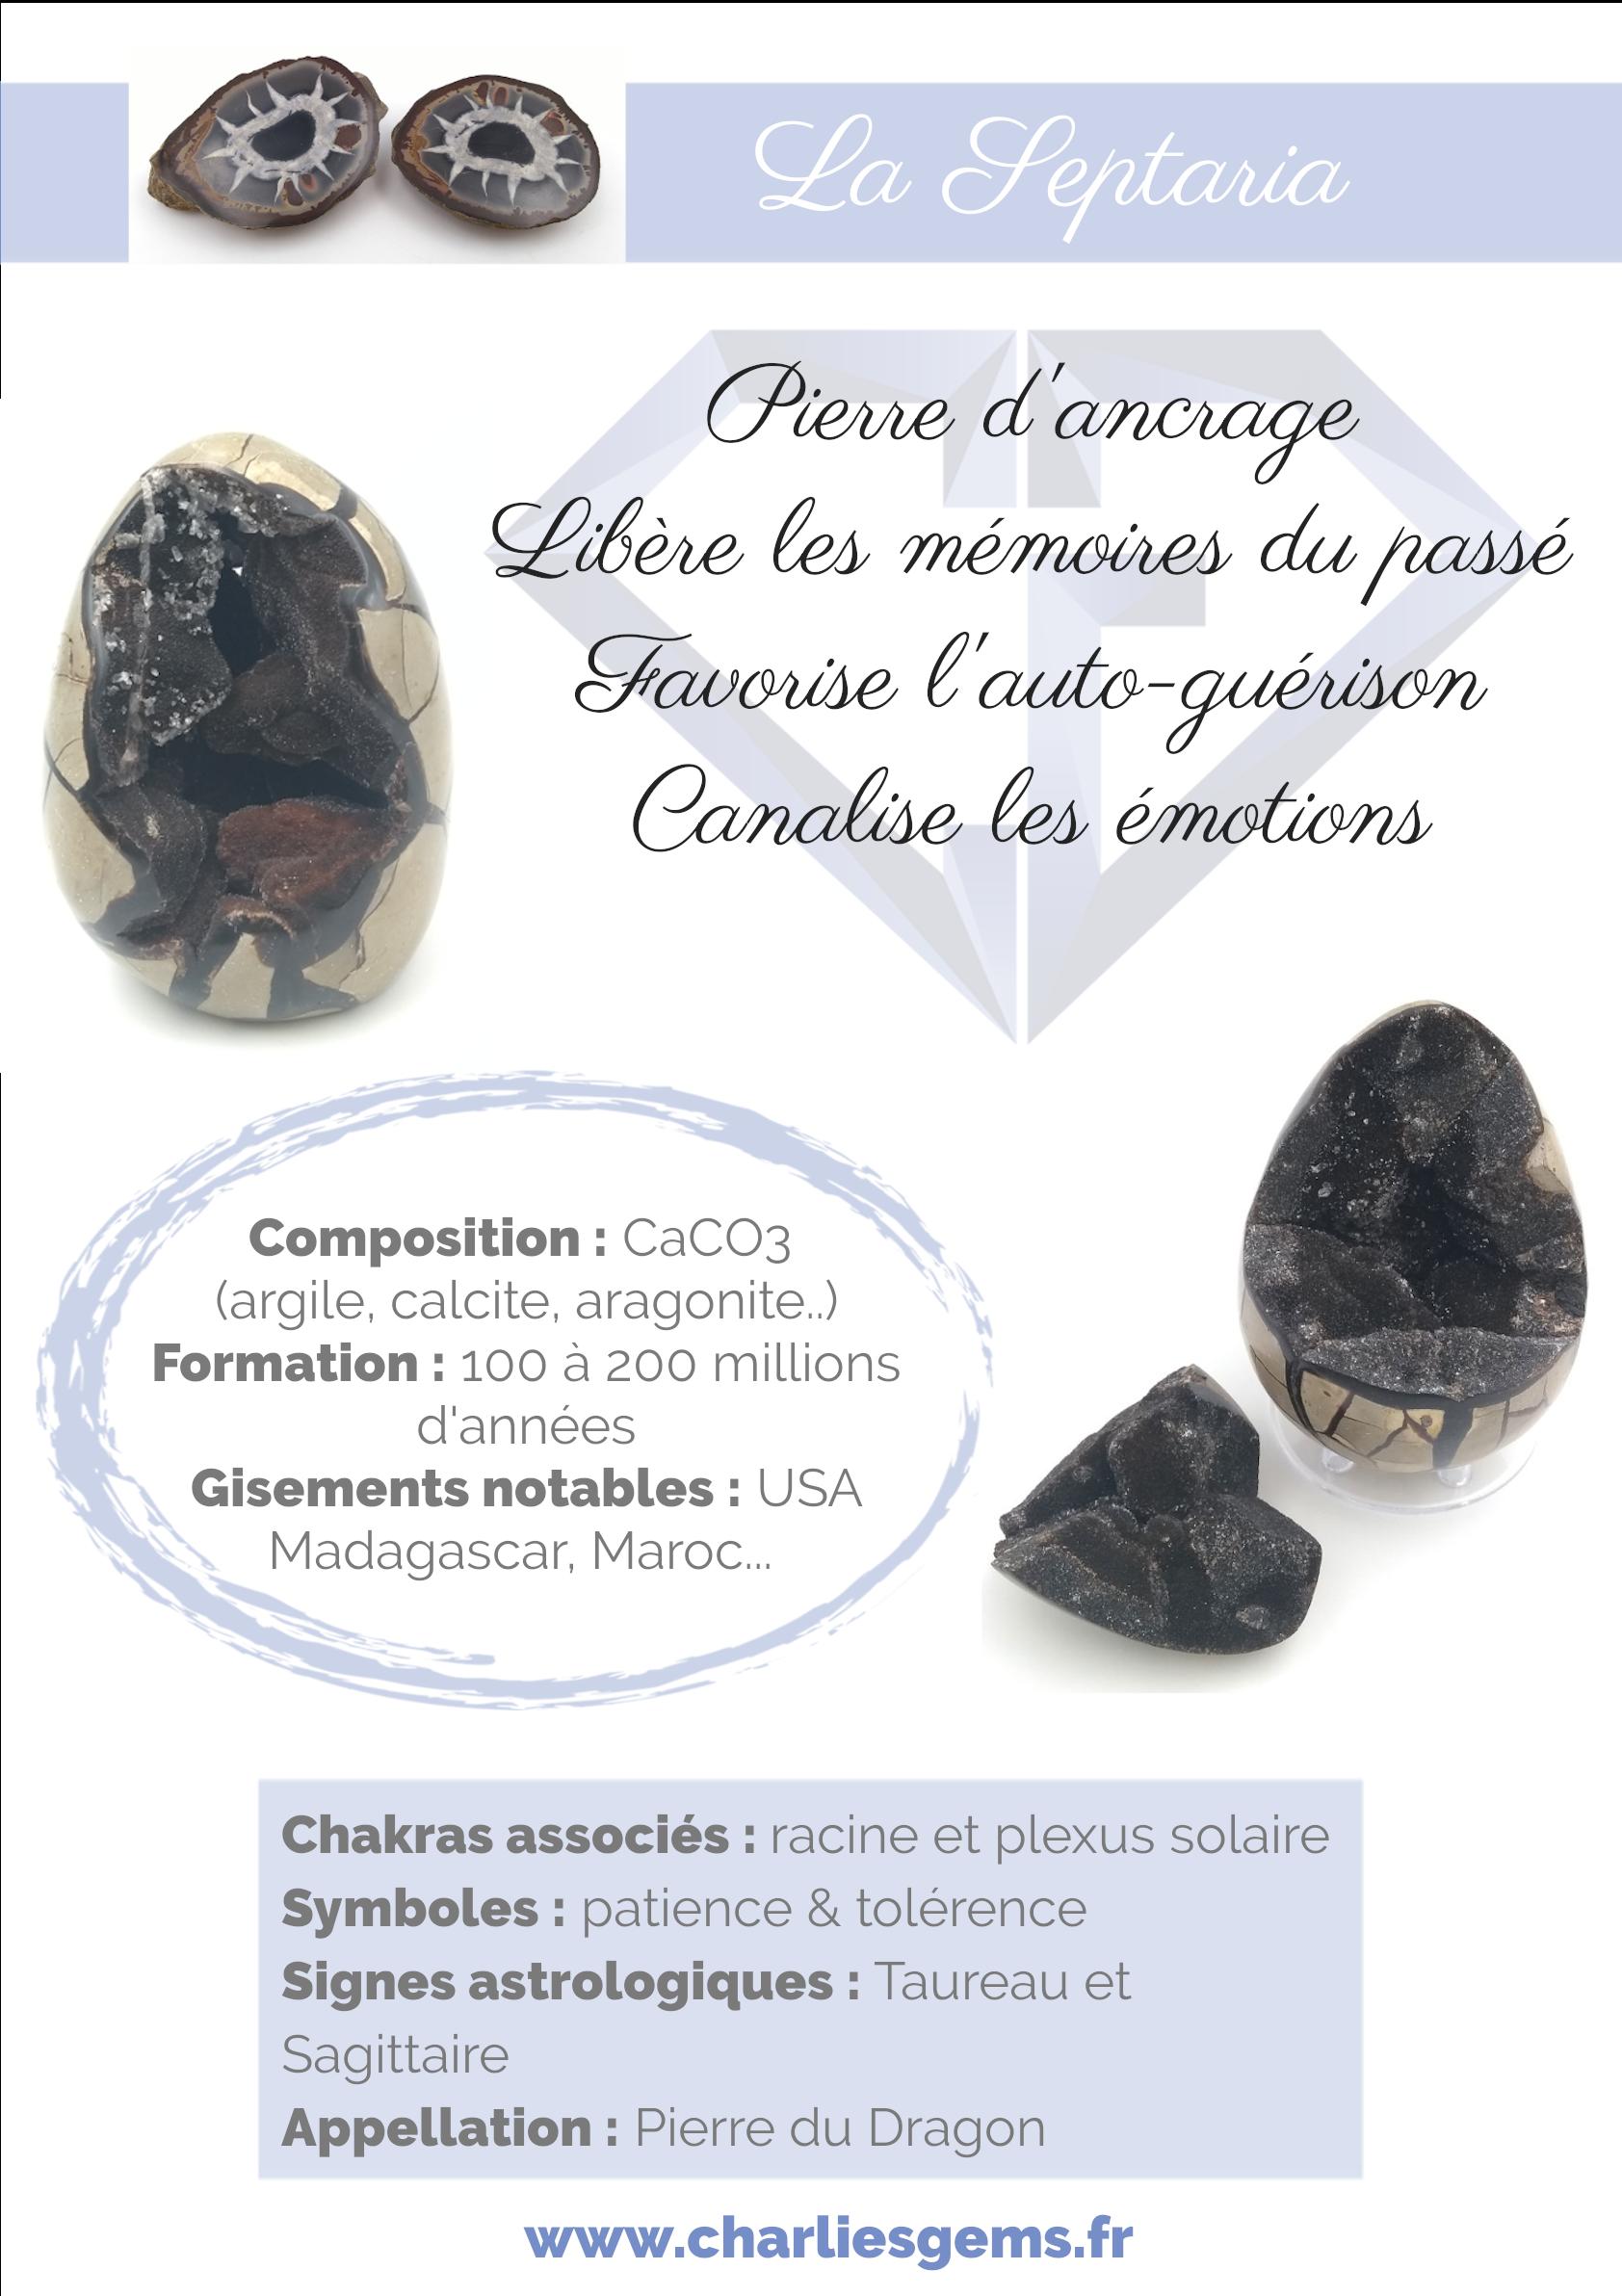 Fiche de présentation de la Septaria (description, lithothérapie, propriétés) - Par Charlie's Gems